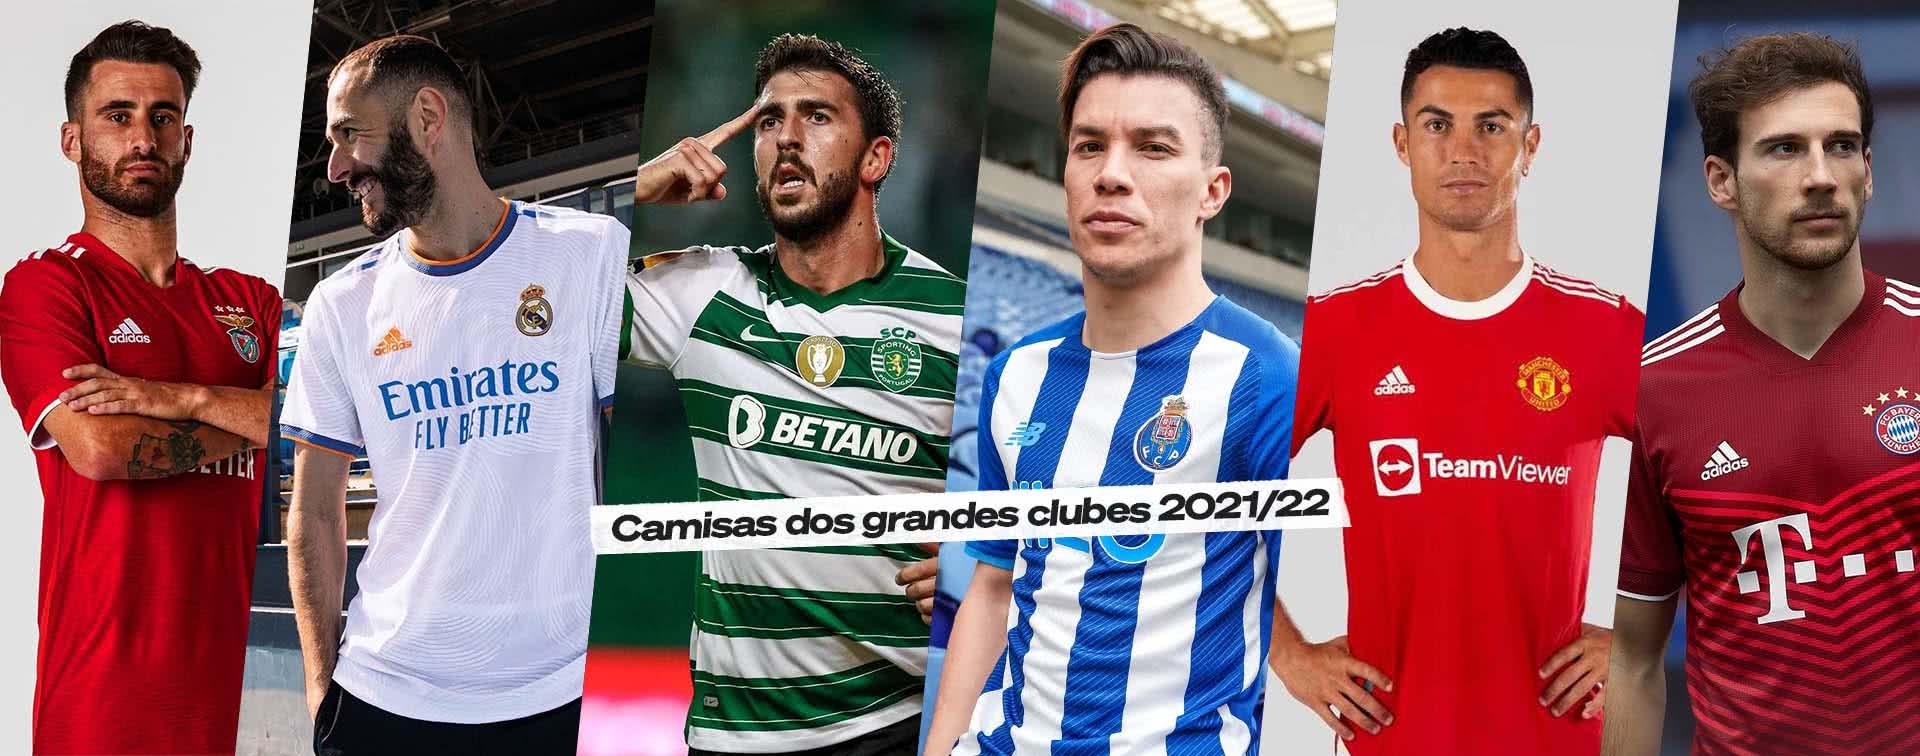 Camisolas 2021/22